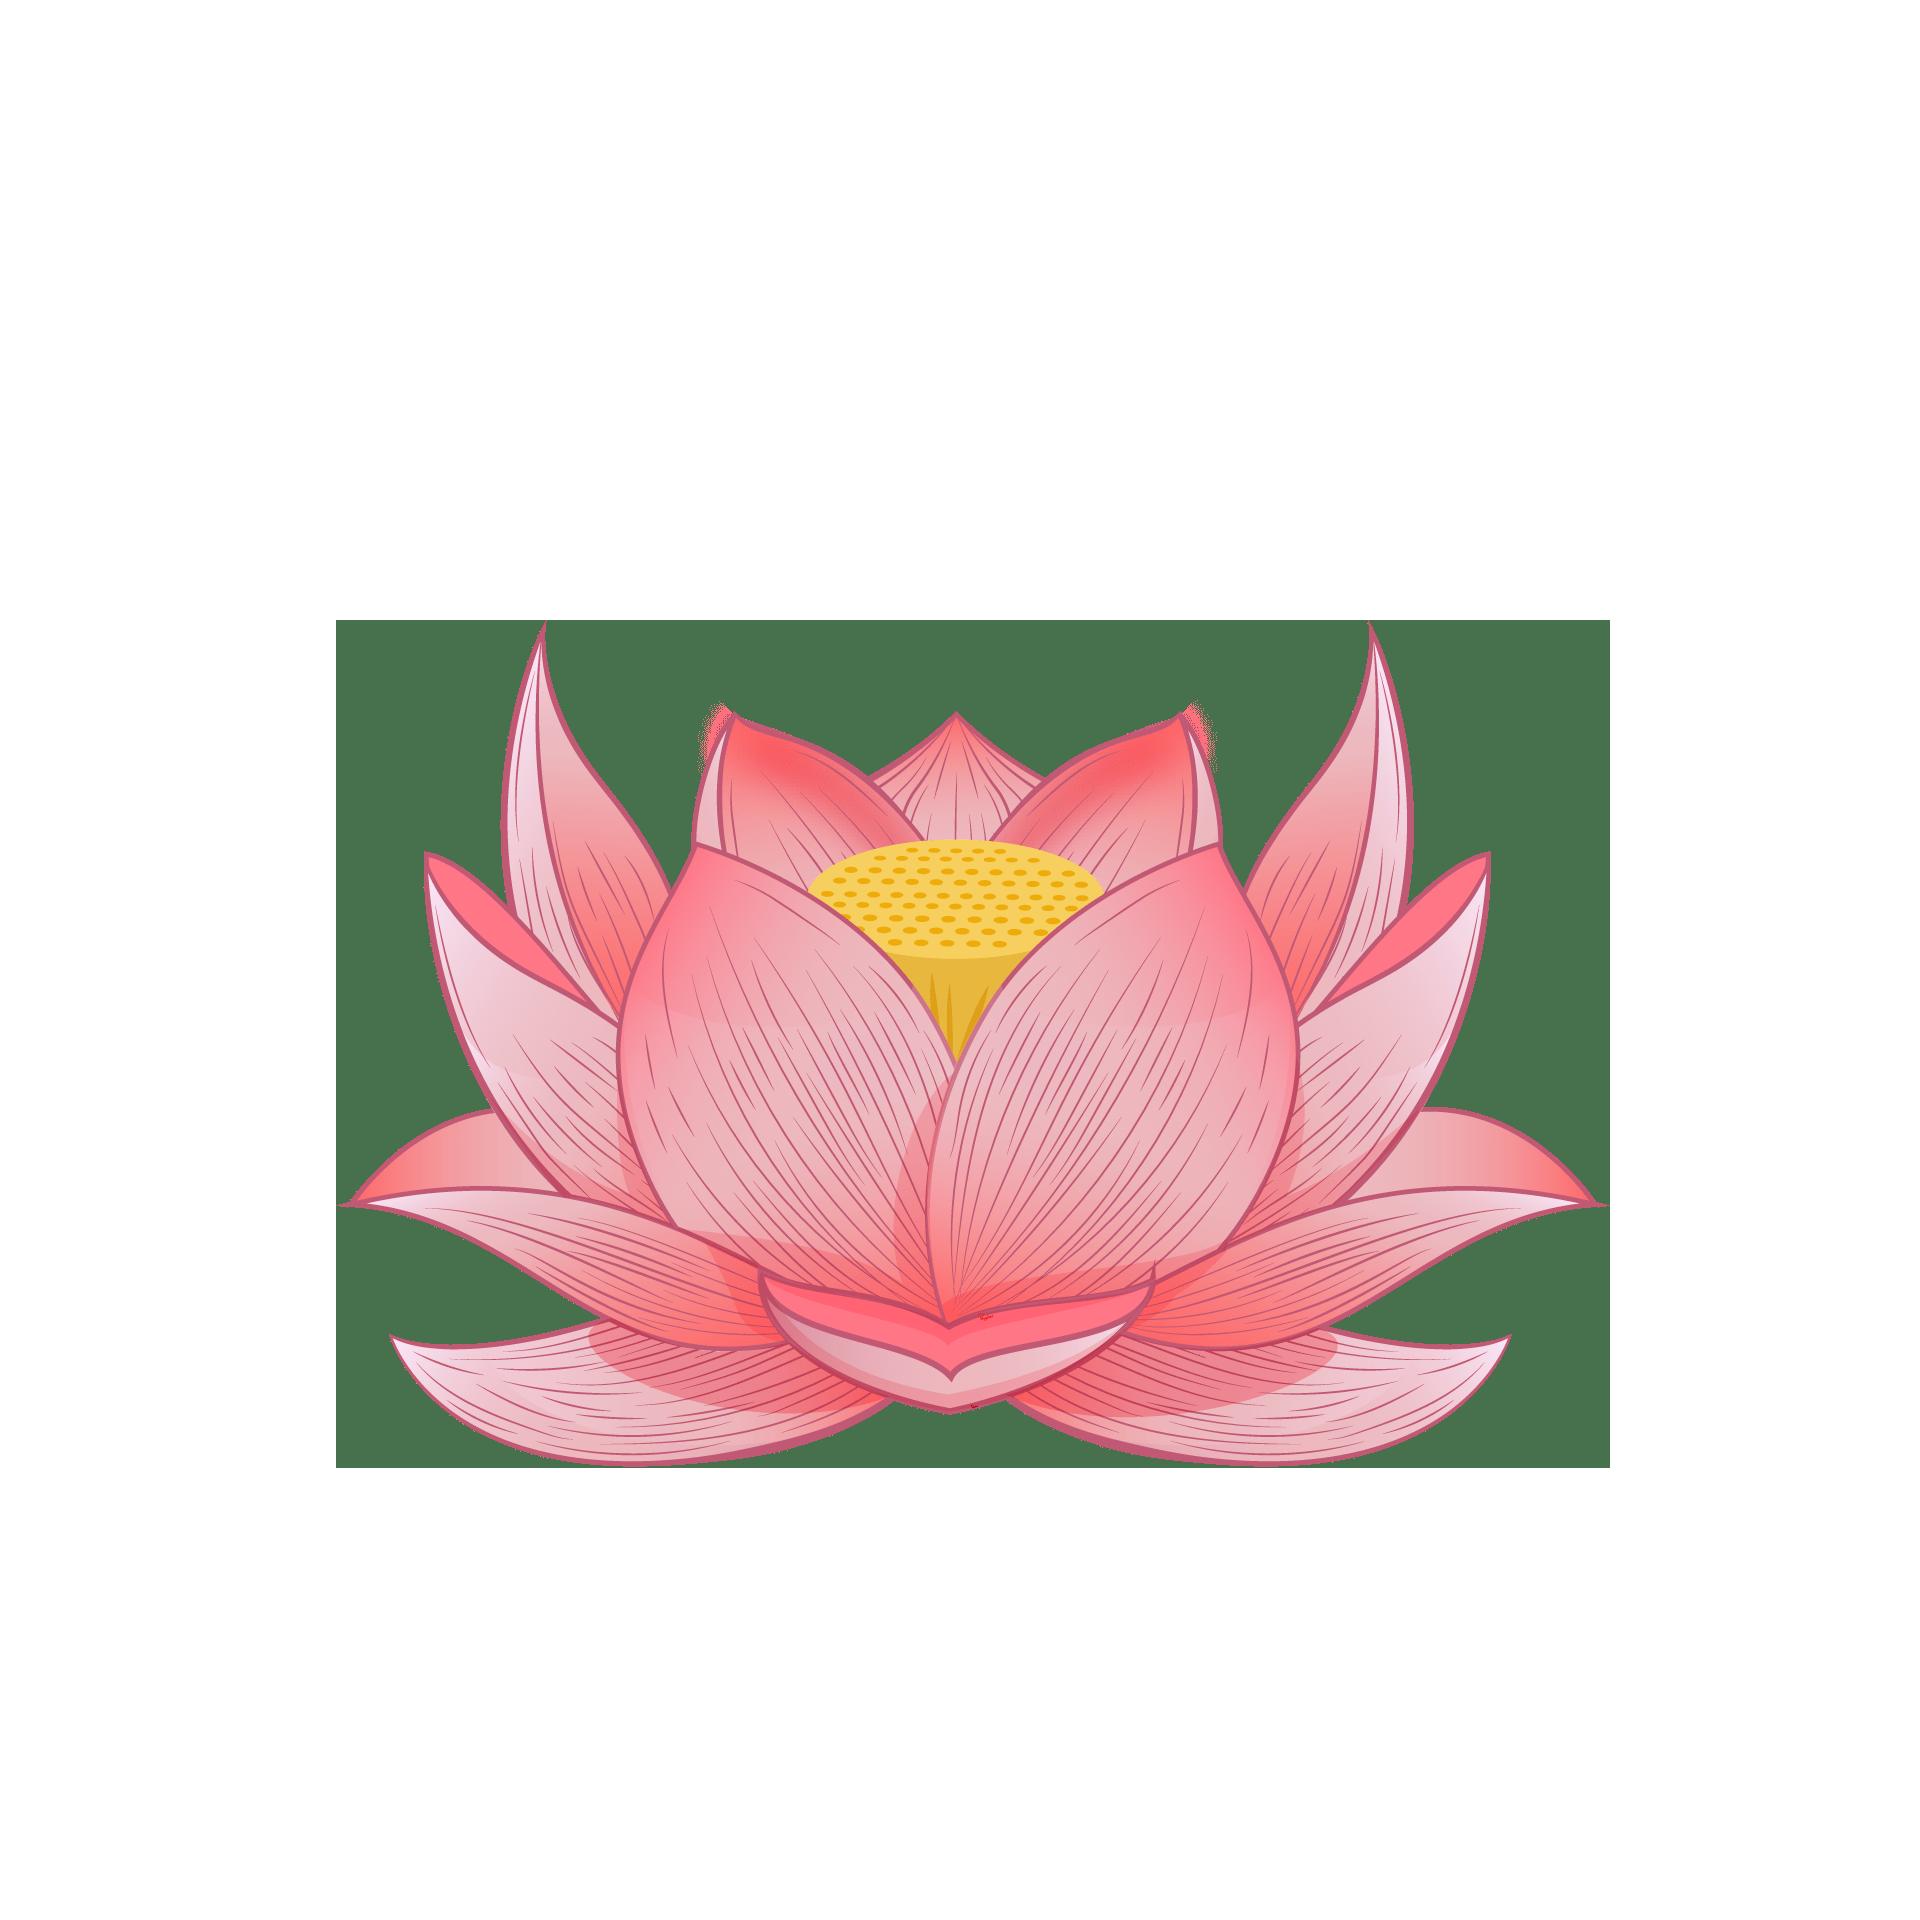 Hình ảnh hoa sen PNG đẹp